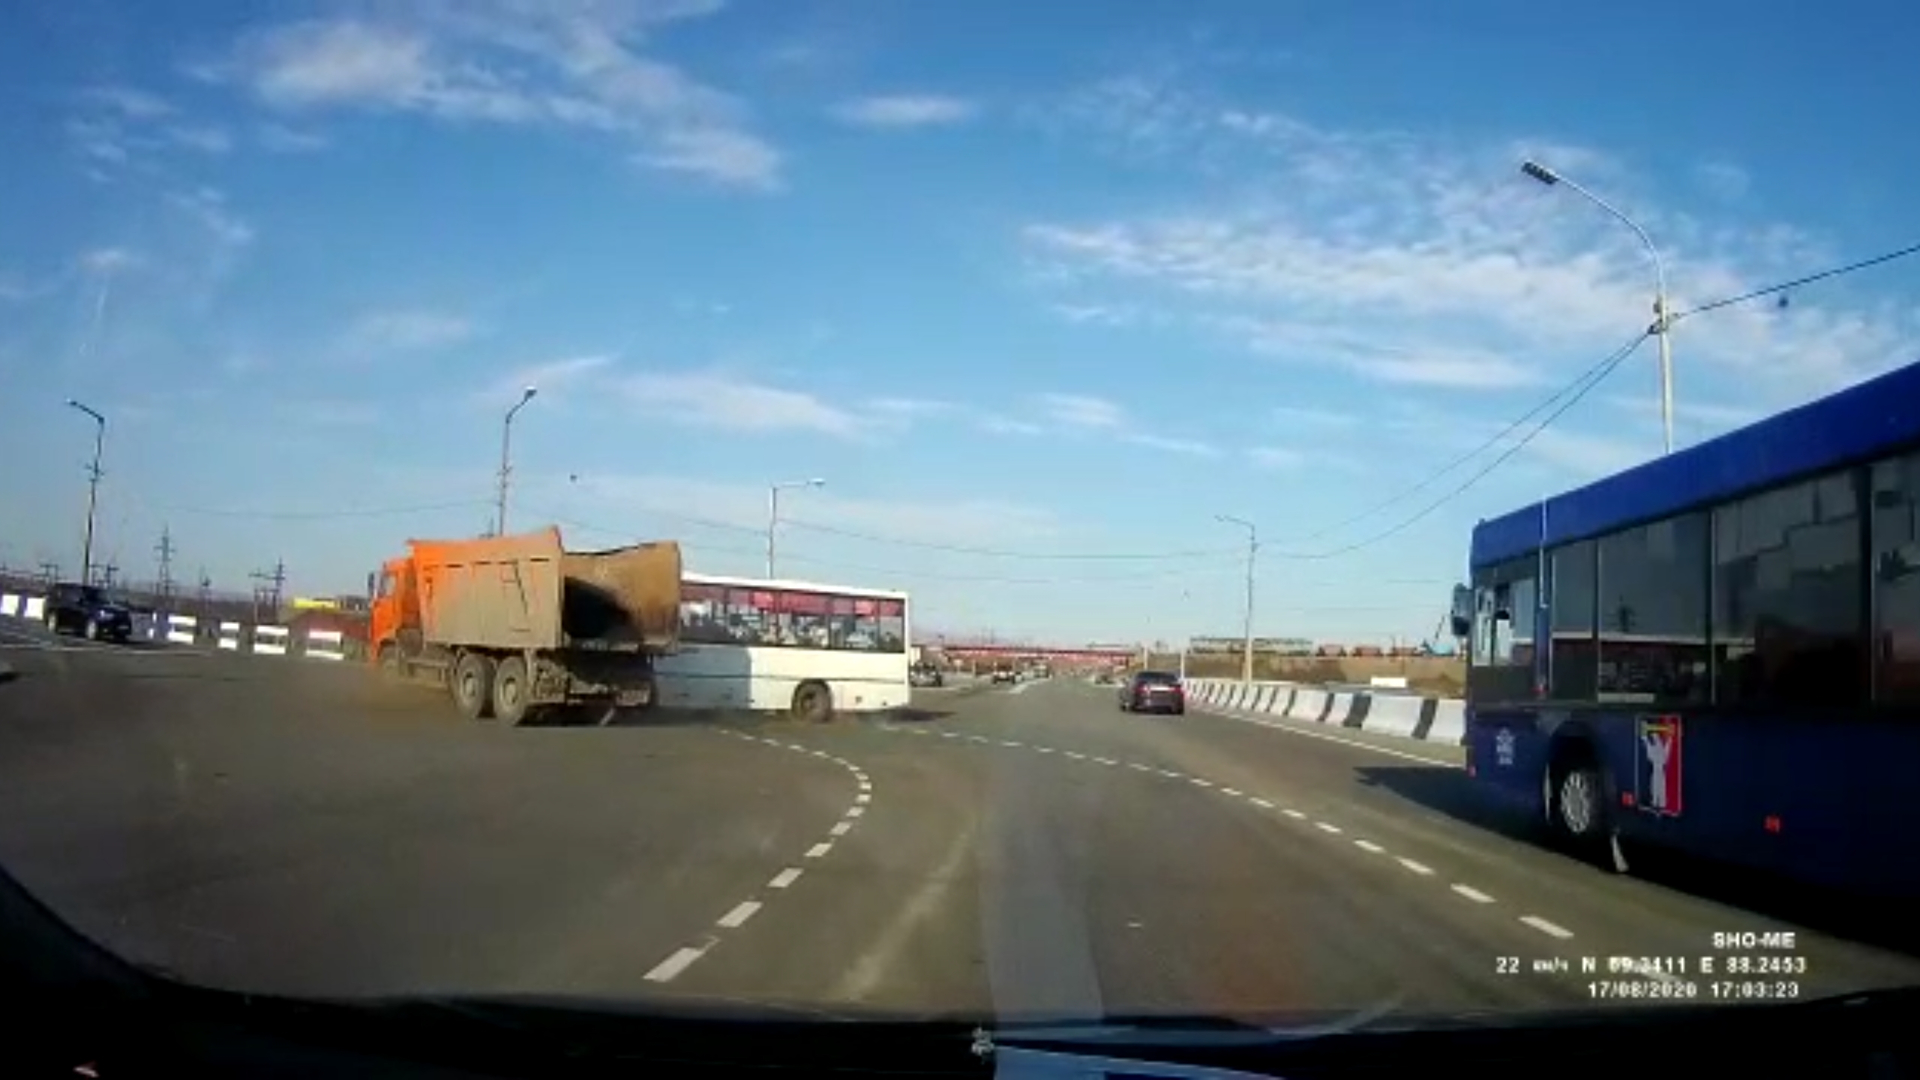 Выясняются обстоятельства ДТП с участием автобуса